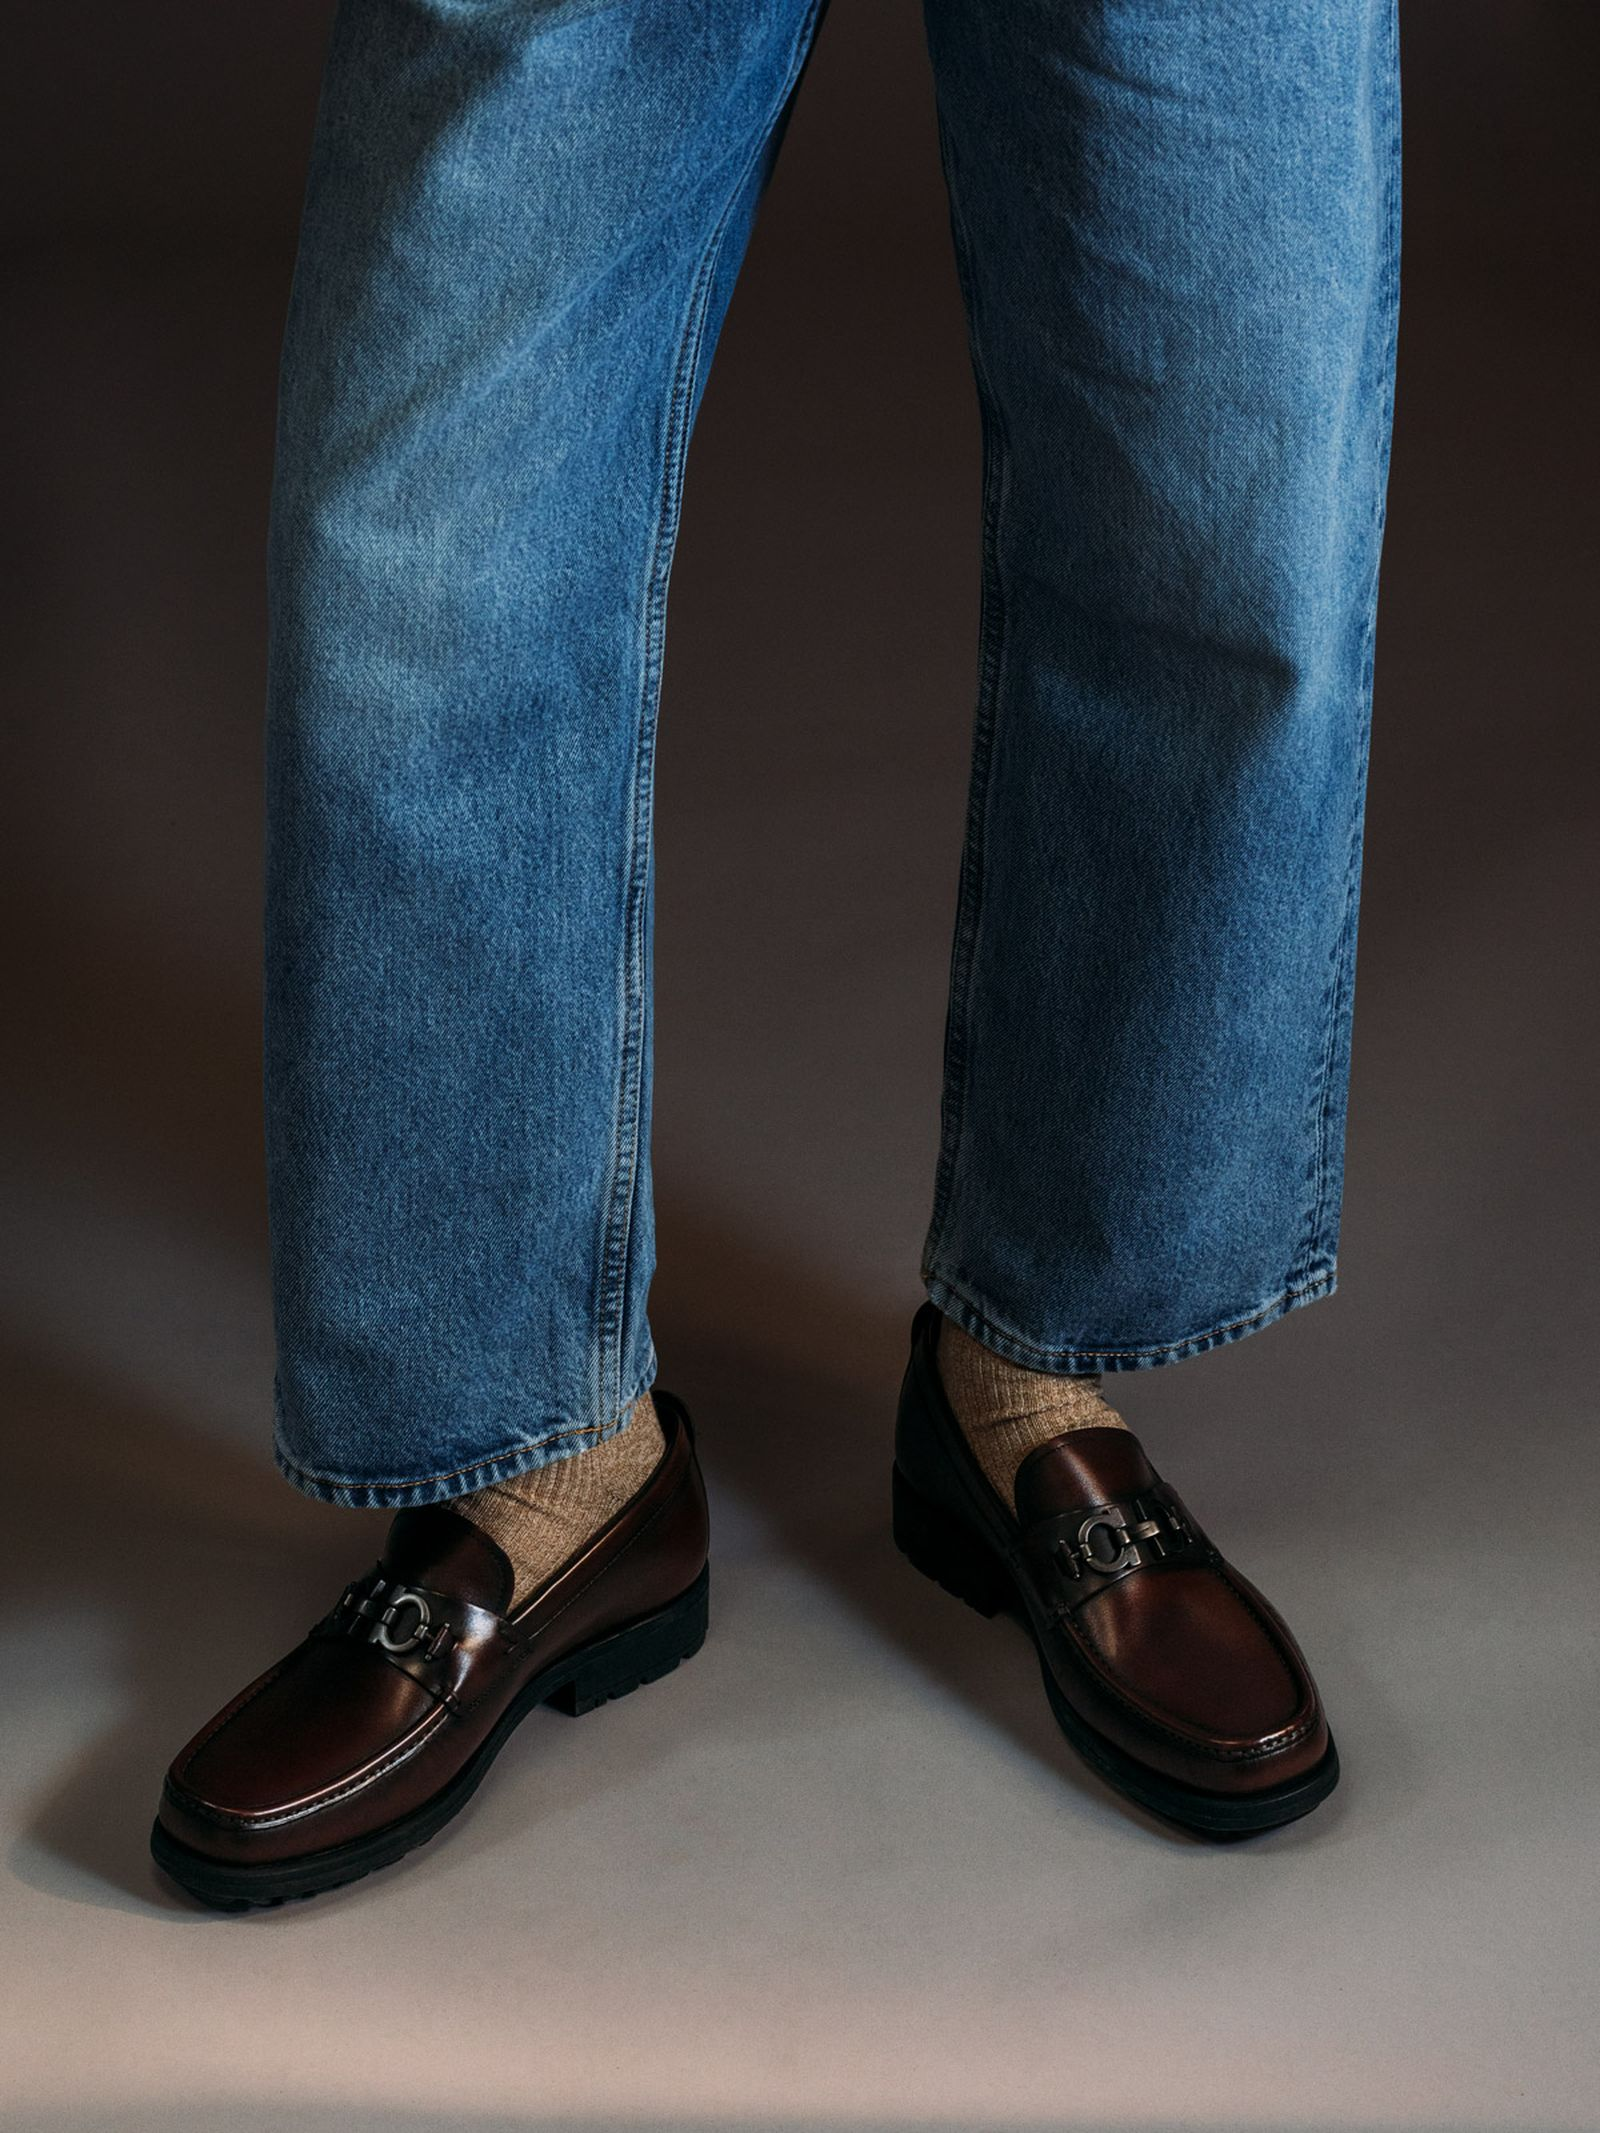 ferragamo-footwear-style-guide-09